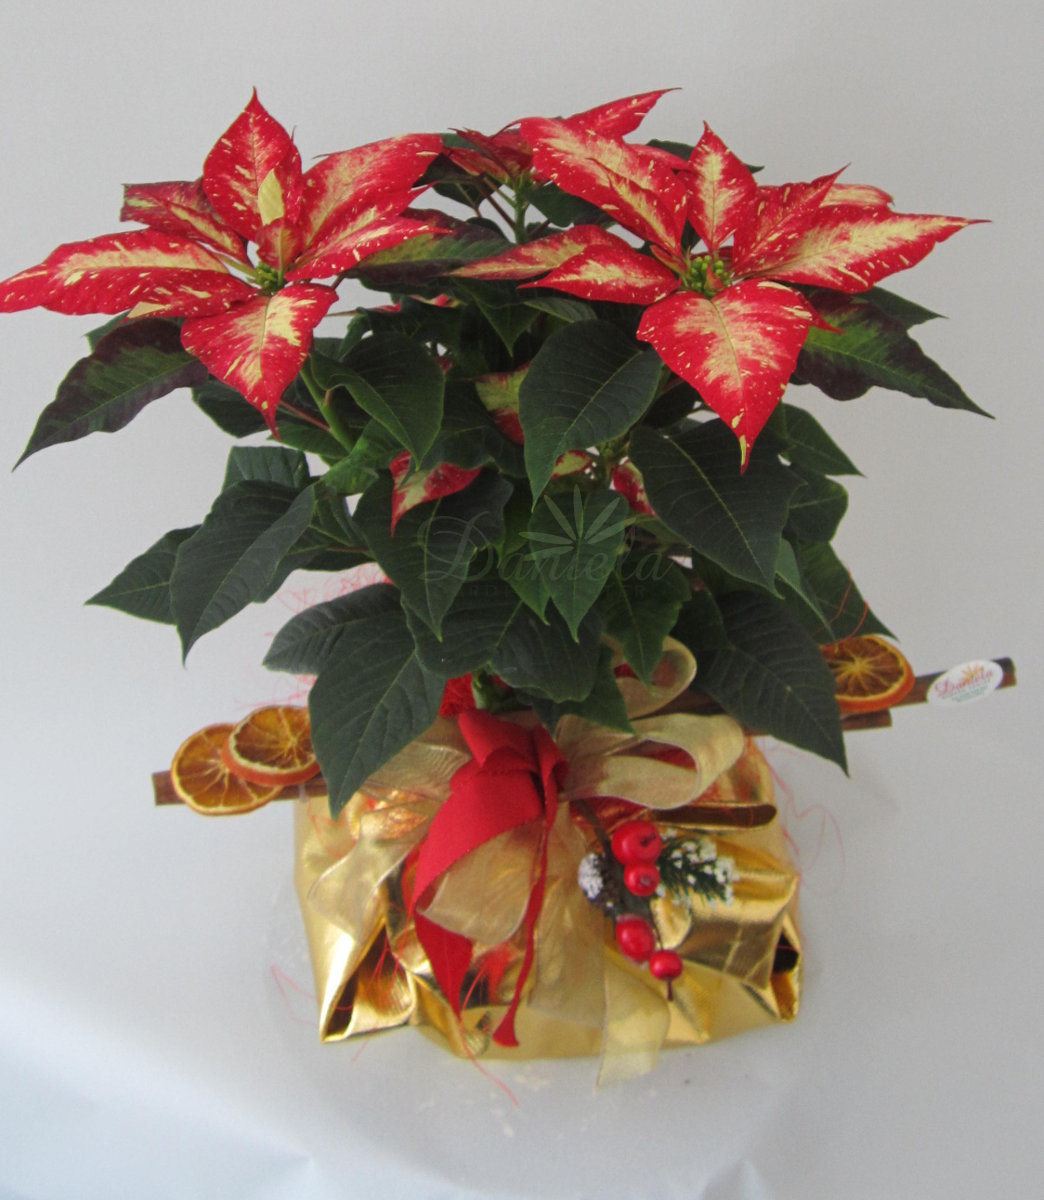 Immagini Stella Di Natale Glitter.Daniela Garden Center Un Progetto Di Floricoltura A Passo32